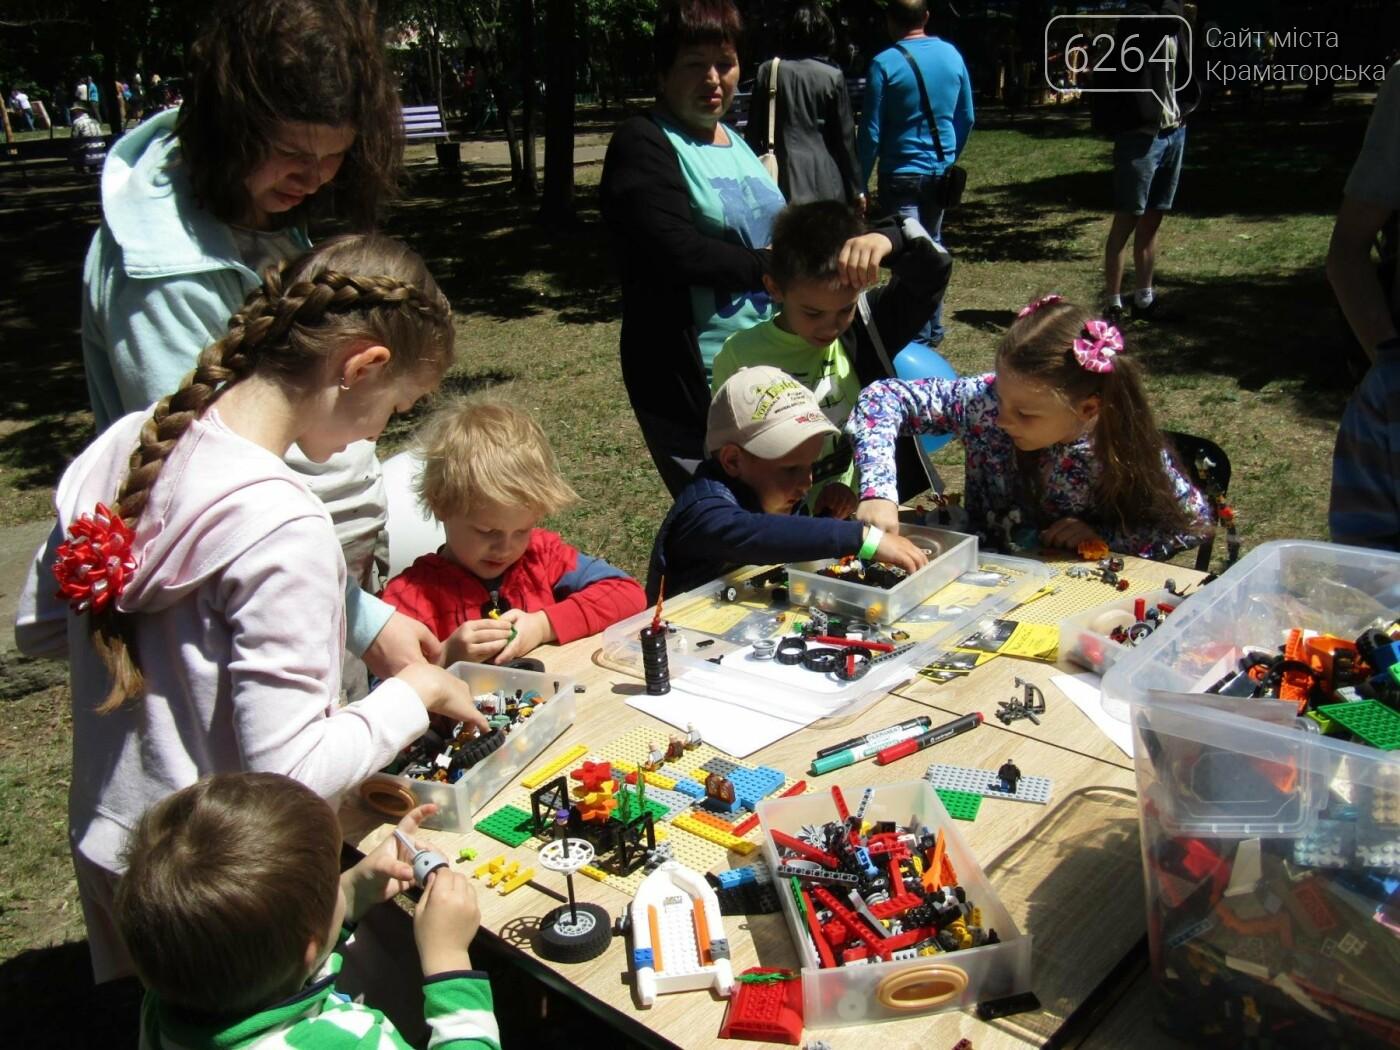 «Фестиваль семьи» порадовал жителей Краматорска, фото-2